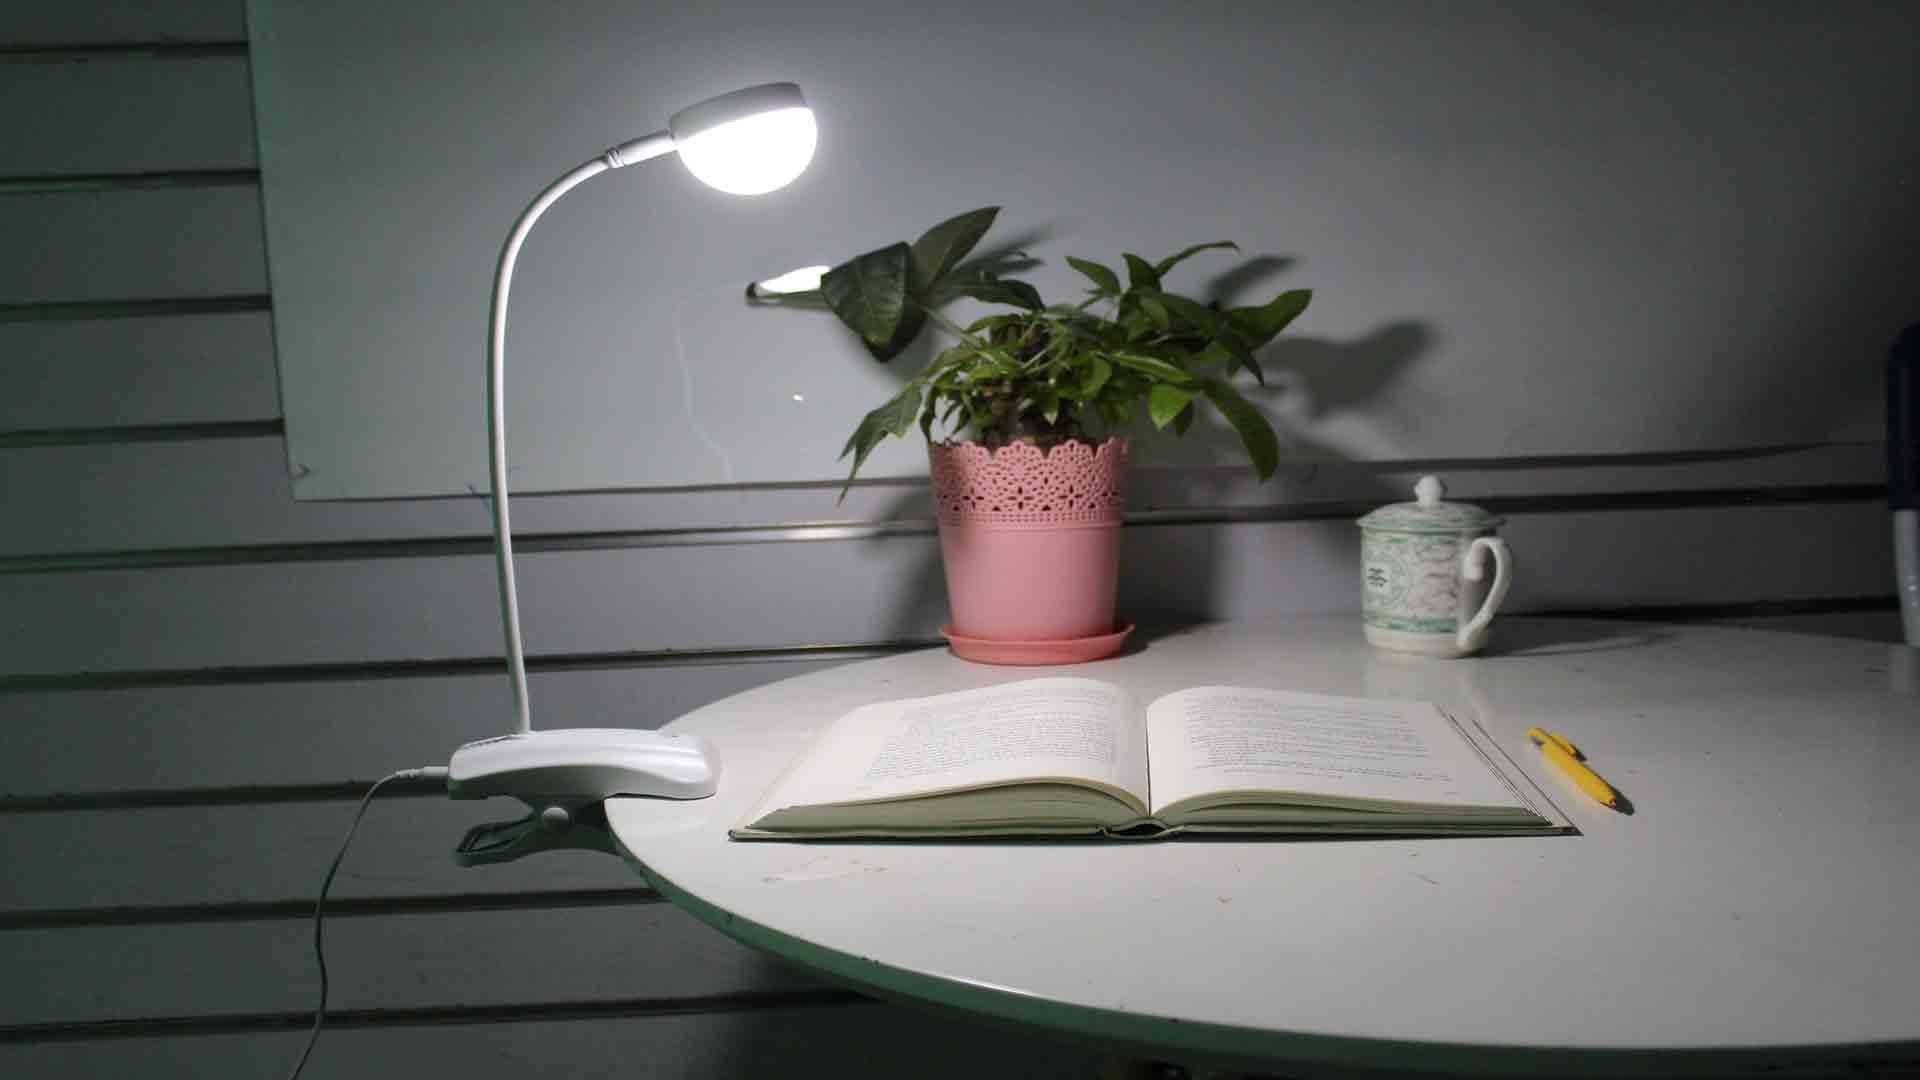 4-iluminaciones-diferentes-para-usar-en-decoracion-1920